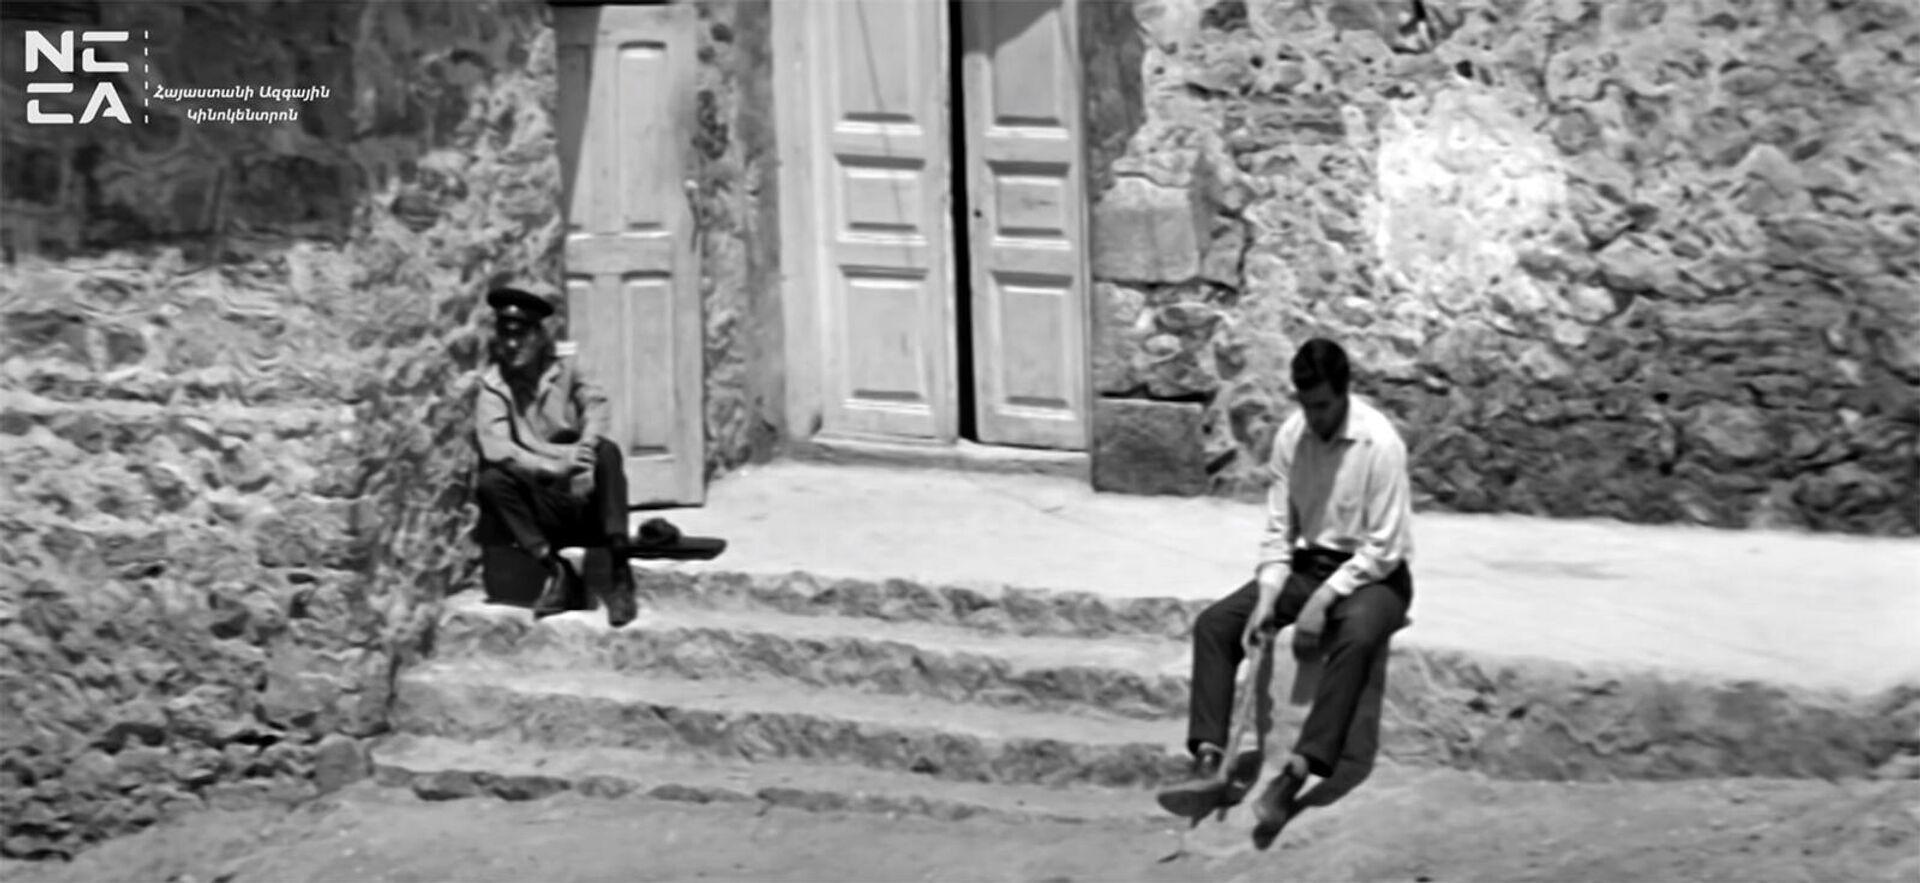 Кадр из фильма Мы и наши горы режисера Генриха Маляна (Арменфильм, 1969г) - Sputnik Արմենիա, 1920, 24.09.2021